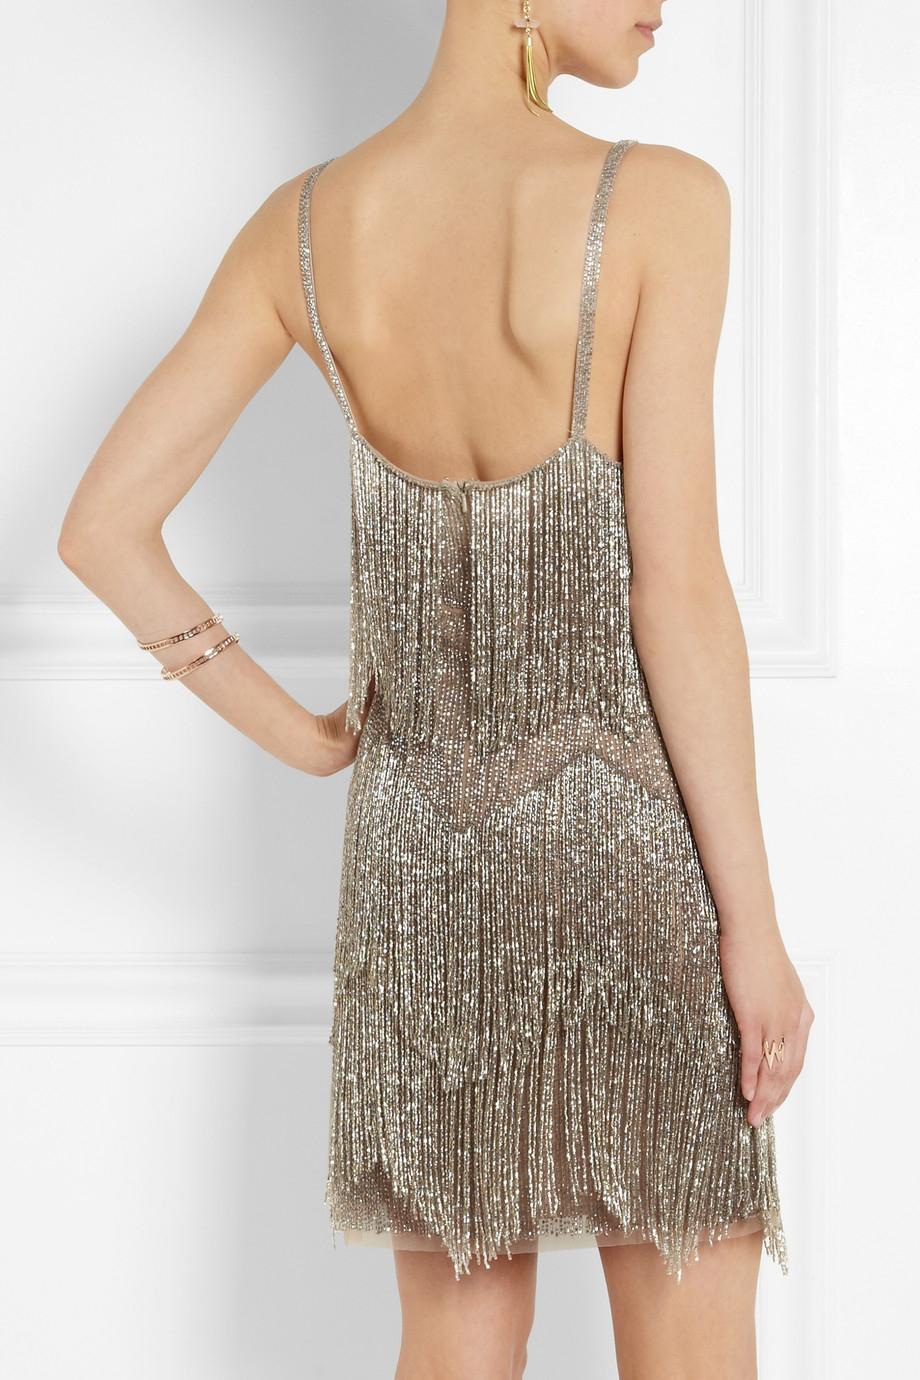 Topshop Off The Shoulder Dress